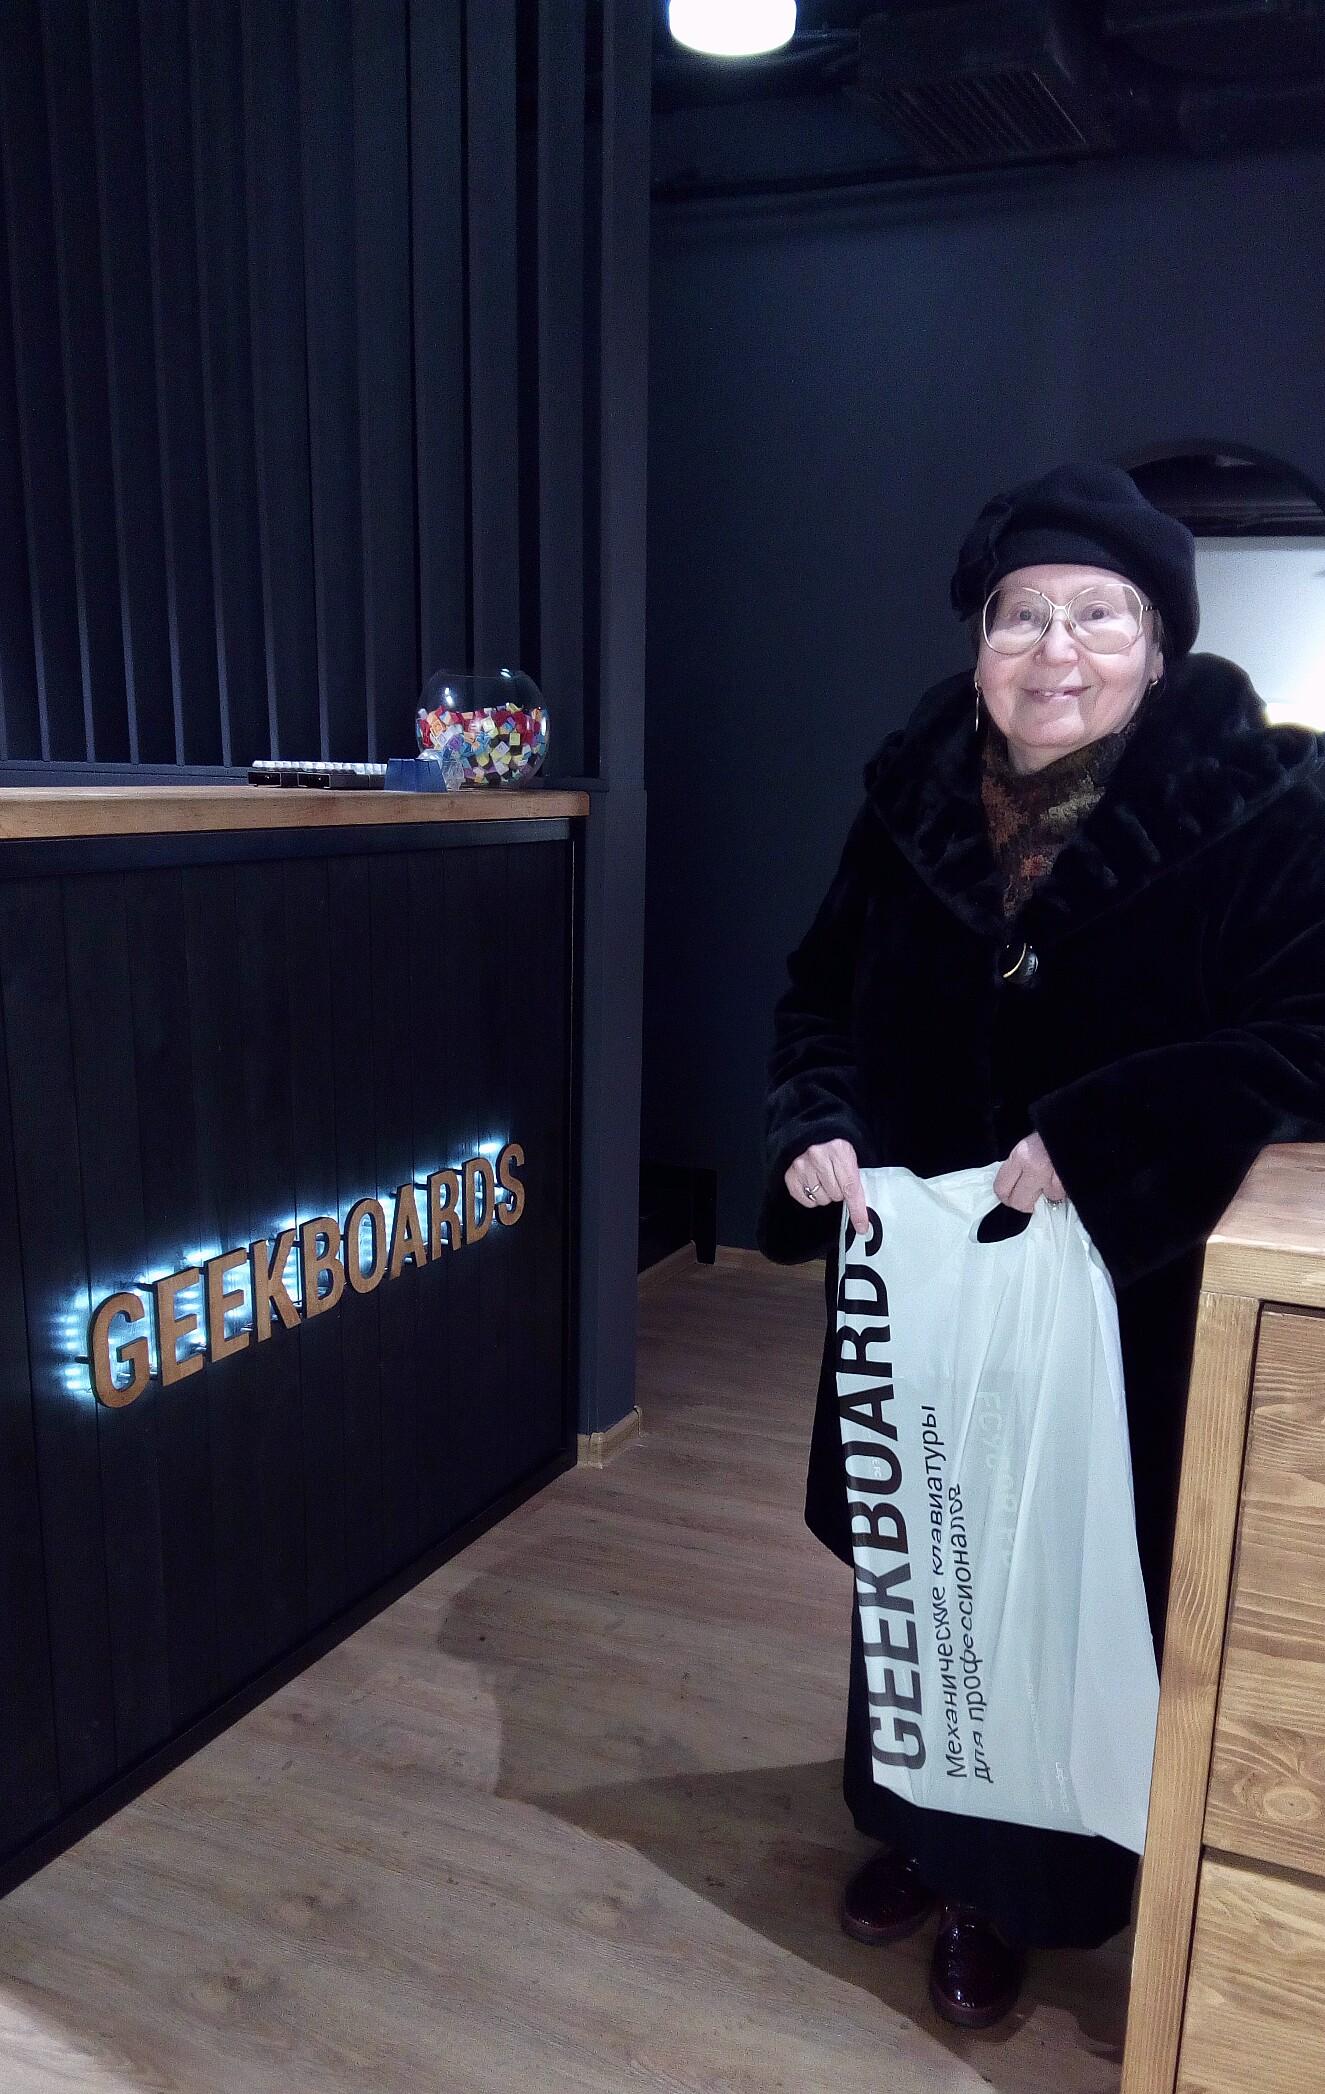 В новом шоуруме Гикбоардс на Тверской, Москва, ноябрь 2019